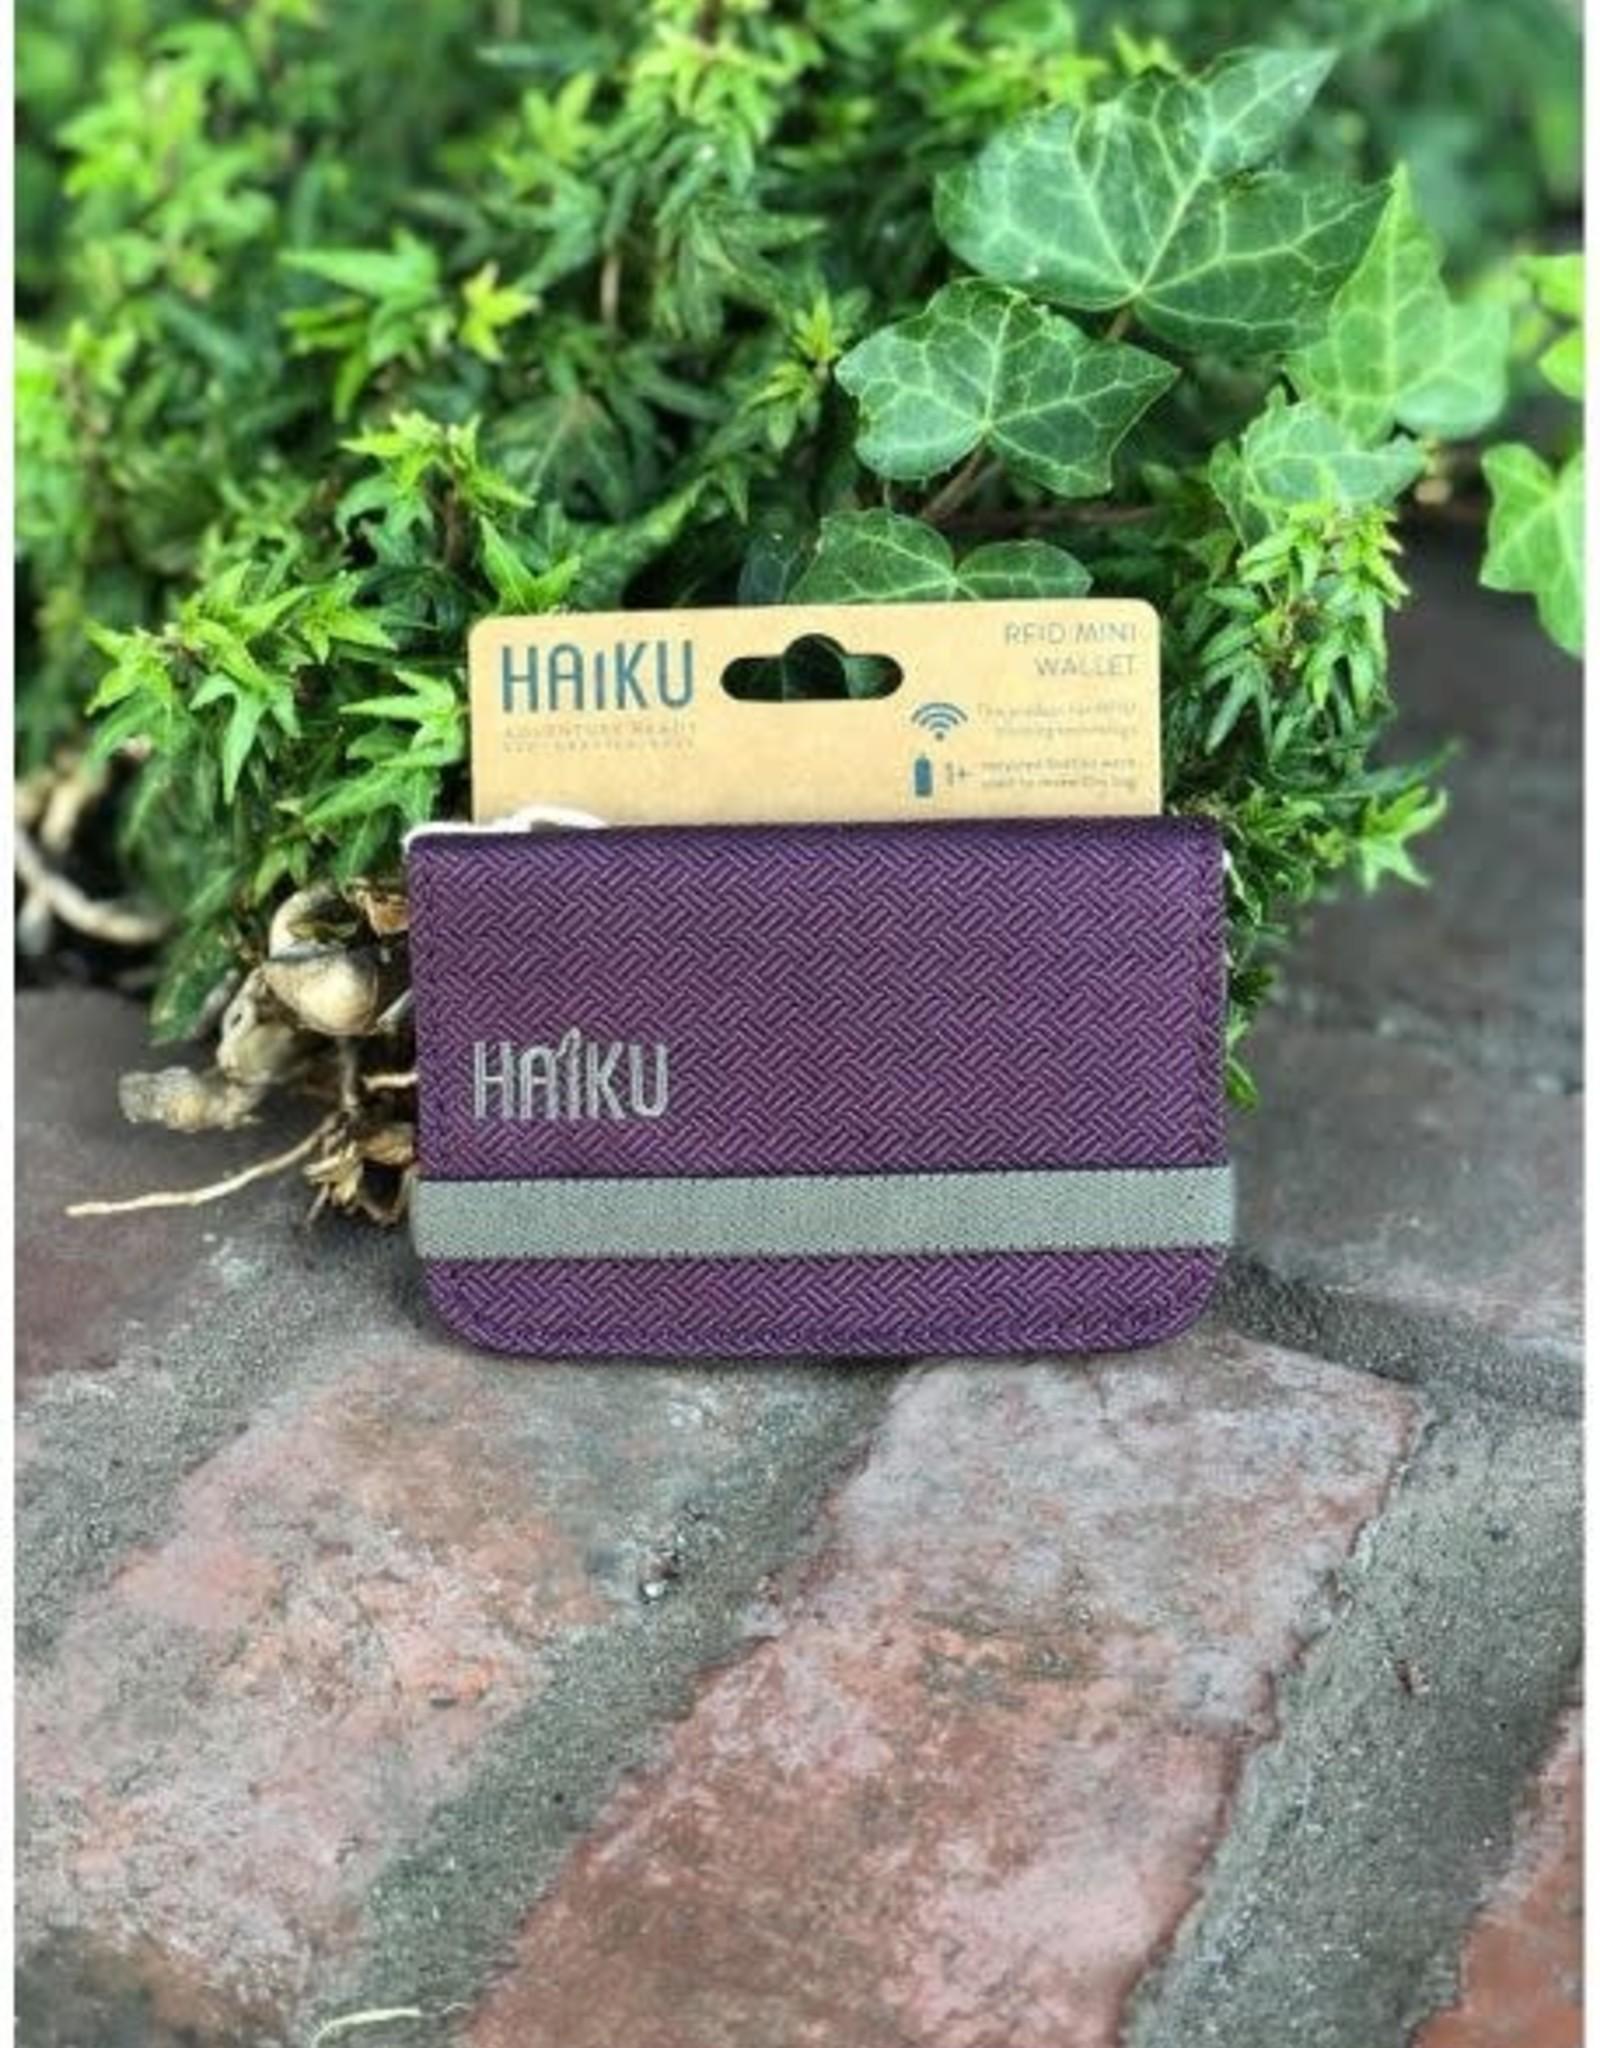 haiku, llc Haiku - HK177